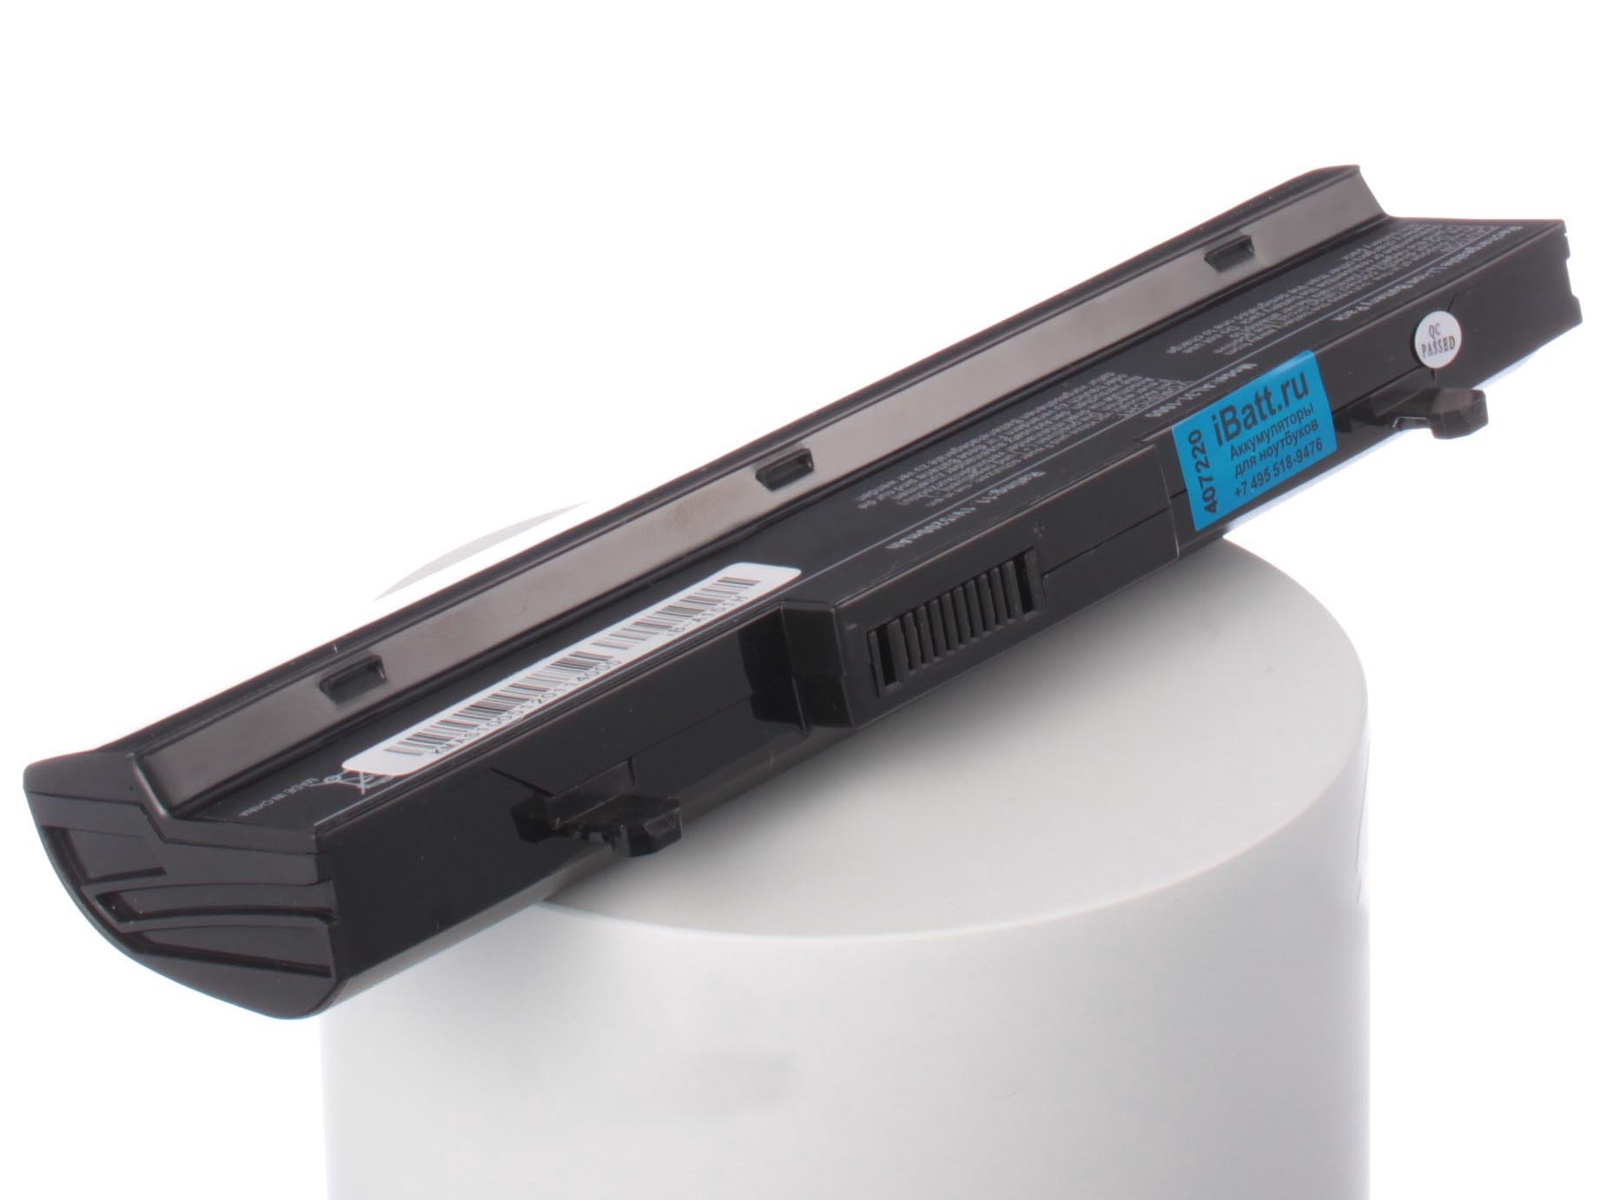 Аккумулятор для ноутбука iBatt Asus AL32-1005, ML32-1005, ML31-1005, AL31-1005, PL32-1005, 90-OA001B9000, 90-OA001B9100 мфу 1005